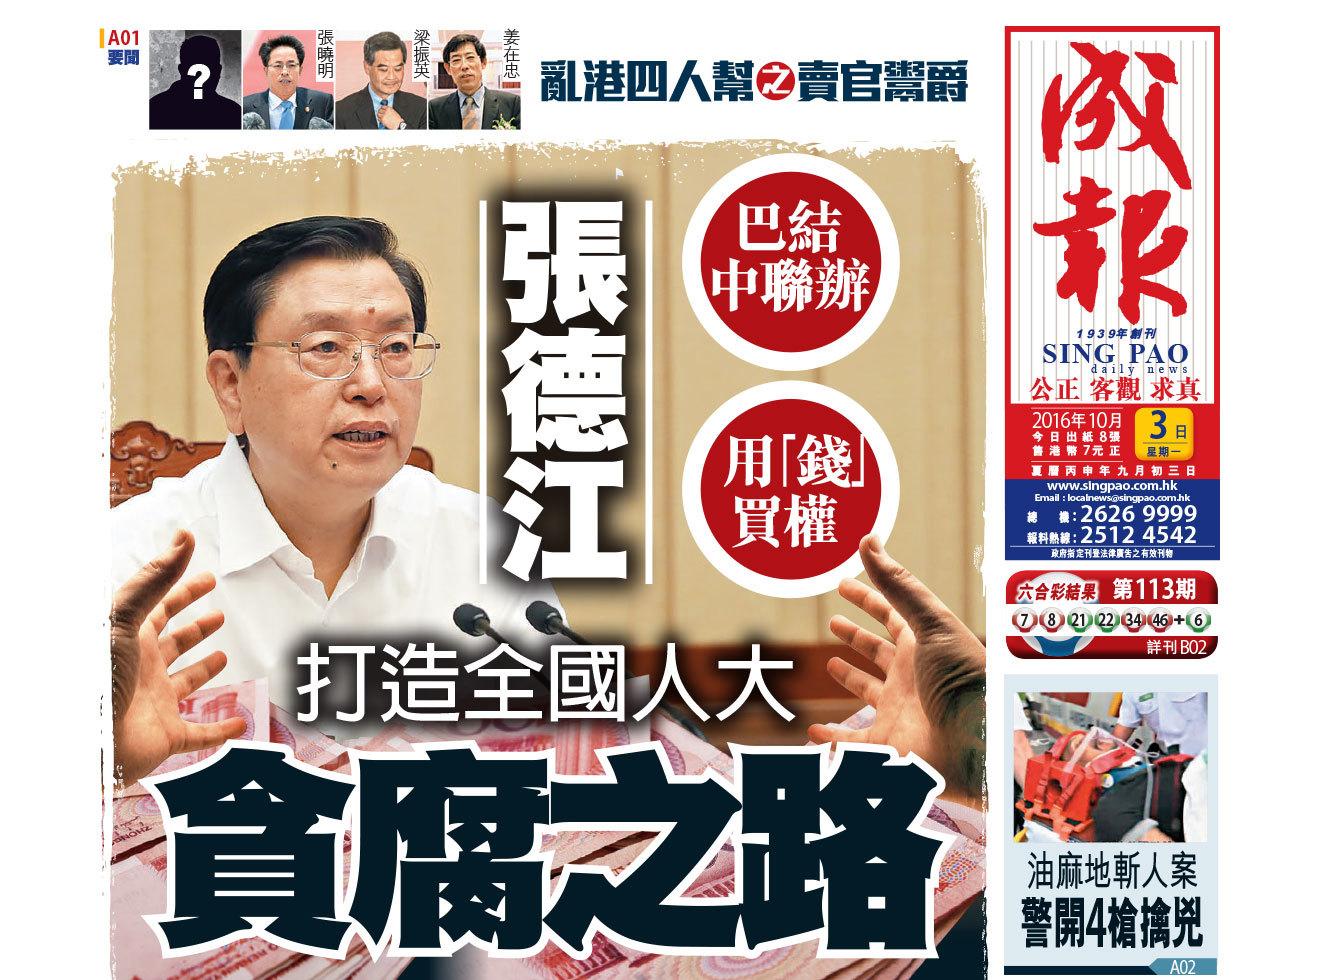 10月3日成報再猛批張德江的人大系統,並點名其背後靠山江澤民,並要求人大進行大大改革。(網絡擷圖)